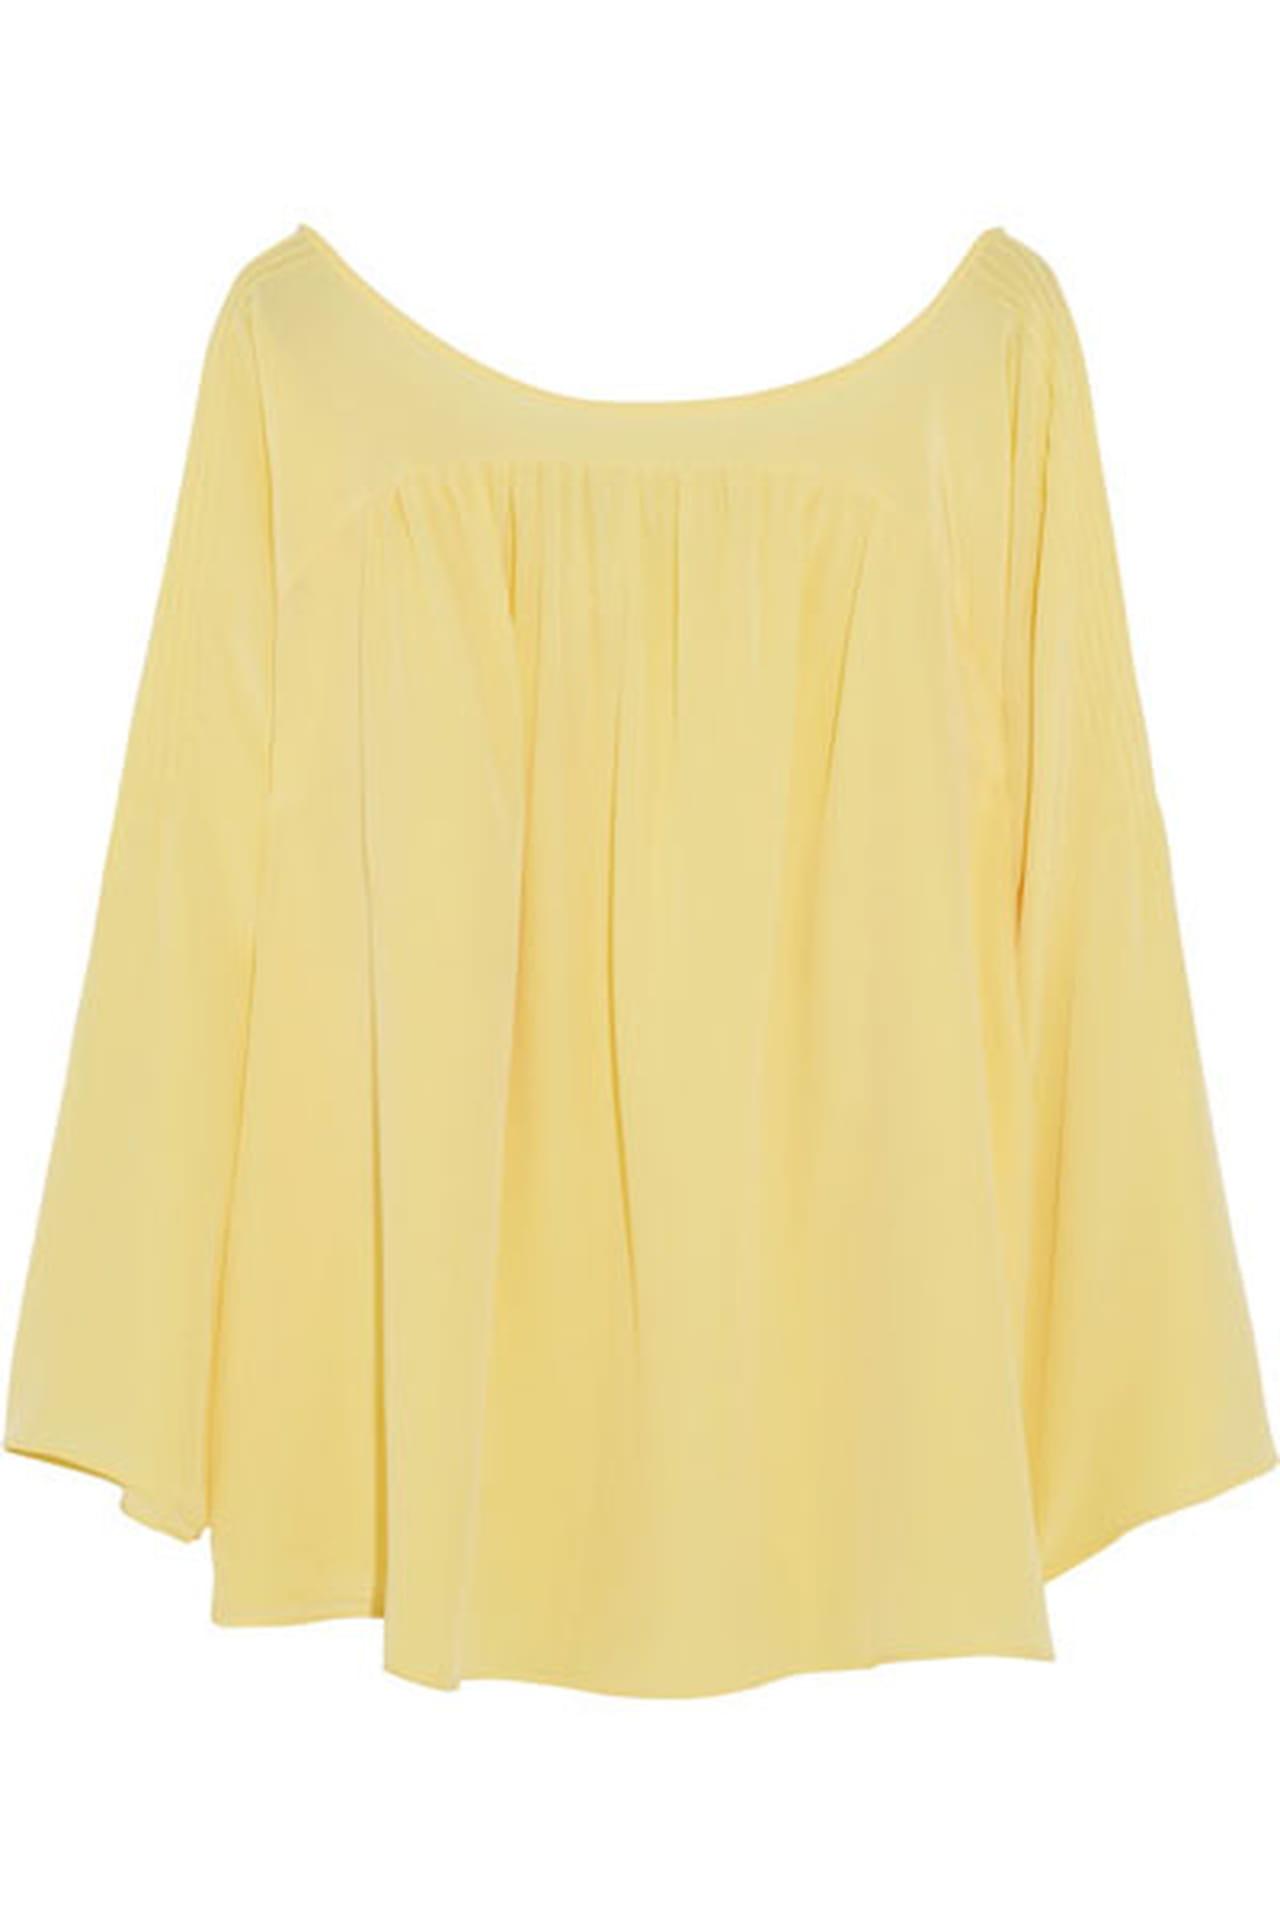 اللون الأصفر لطلة تعكس إشراقتك في النهار  832712